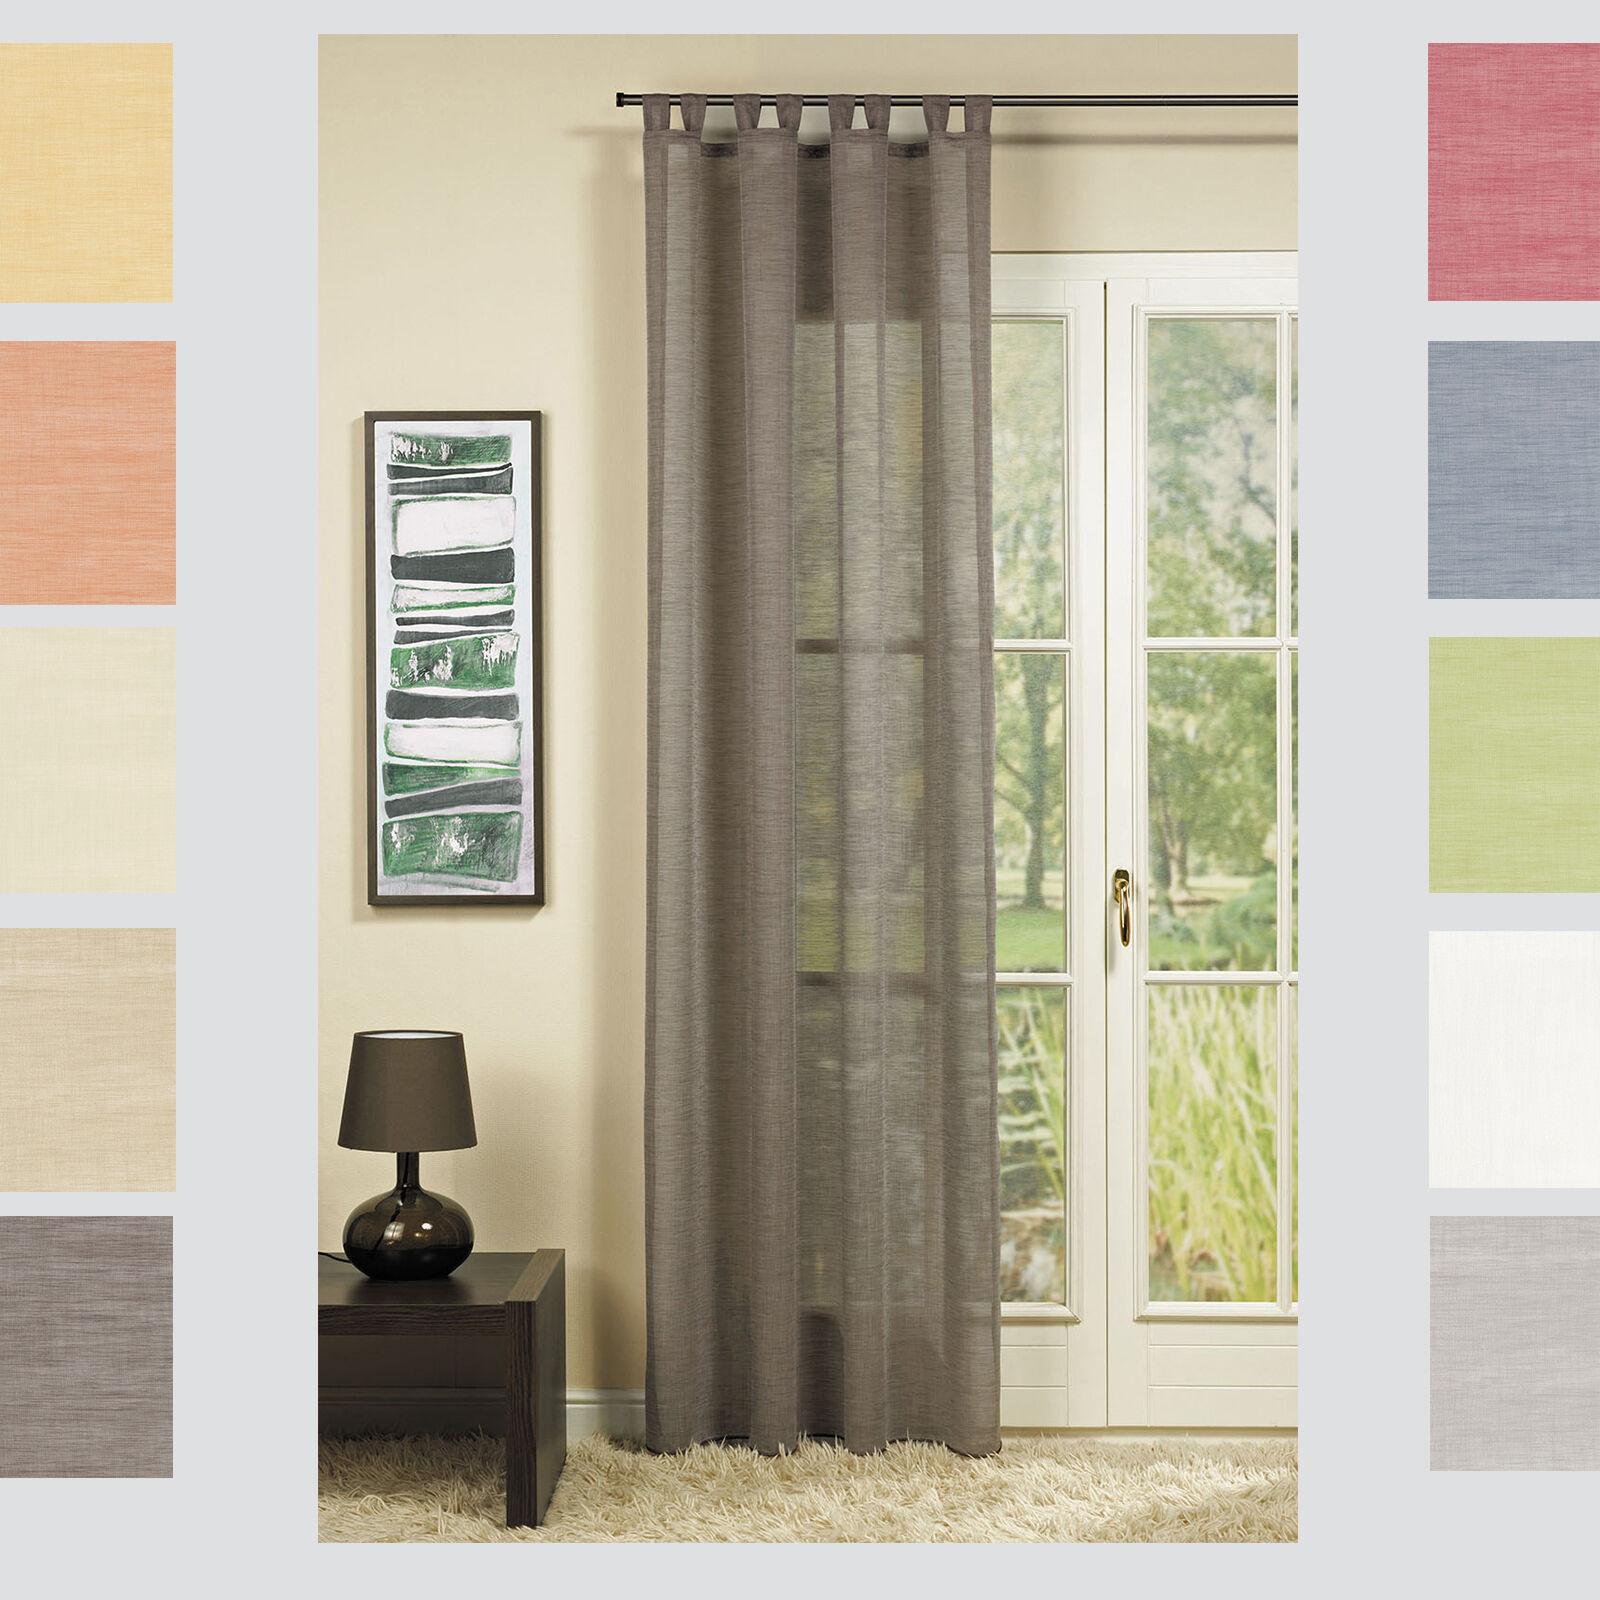 allure schlaufenschal gardine vorhang fertigvorhang neutex. Black Bedroom Furniture Sets. Home Design Ideas